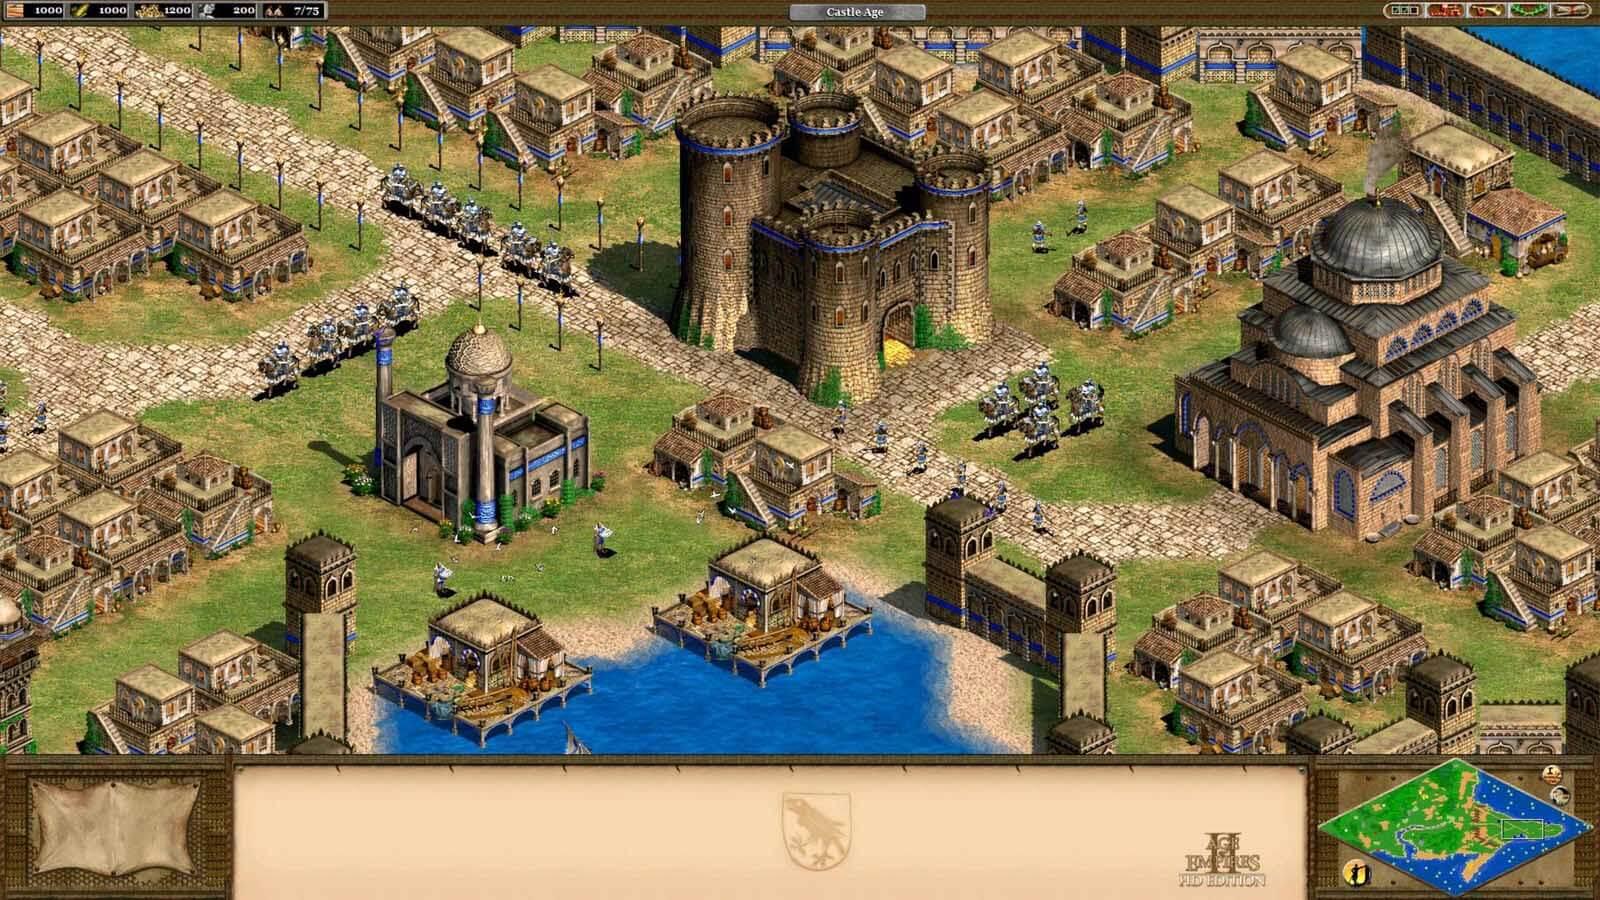 تحميل لعبة Age Of Empires 2 مضغوطة برابط واحد مباشر كاملة مجانا